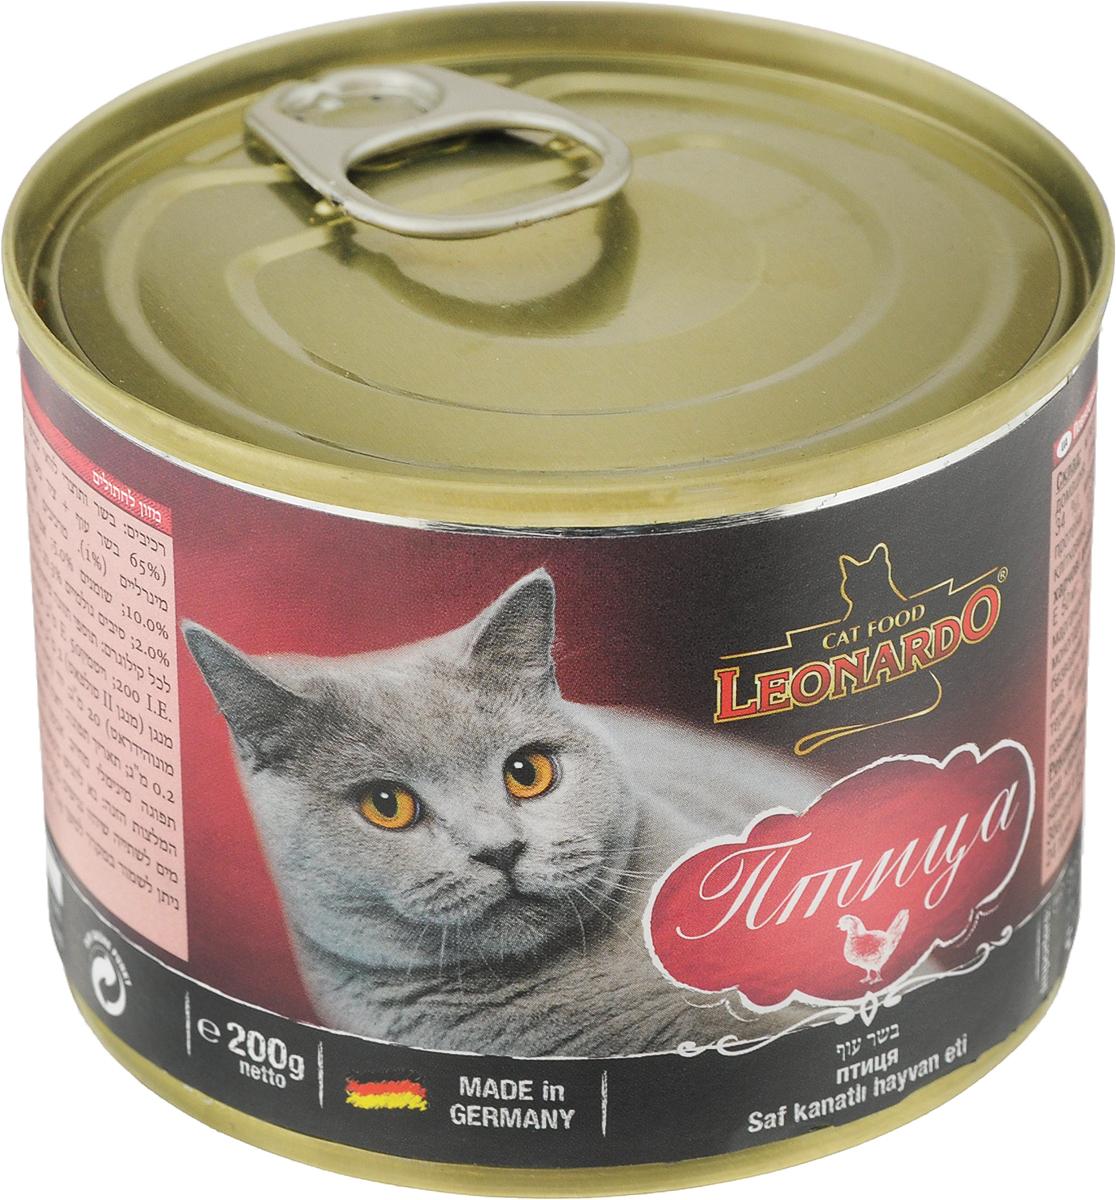 Корм консервированный Leonardo для кошек, с птицей, 200 г65247Консервированный корм Leonardo - полноценное питание для кошек. Корм изготовлен из натуральных ингредиентов и несомненно понравится вашему питомцу. Он содержит все питательные вещества, витамины и минералы, необходимые для сбалансированного питания вашей кошки каждый день. Это изысканное блюдо - яркий пример того, как простые ингредиенты в руках истинного кулинара превращаются в удивительно вкусное блюдо.Товар сертифицирован.